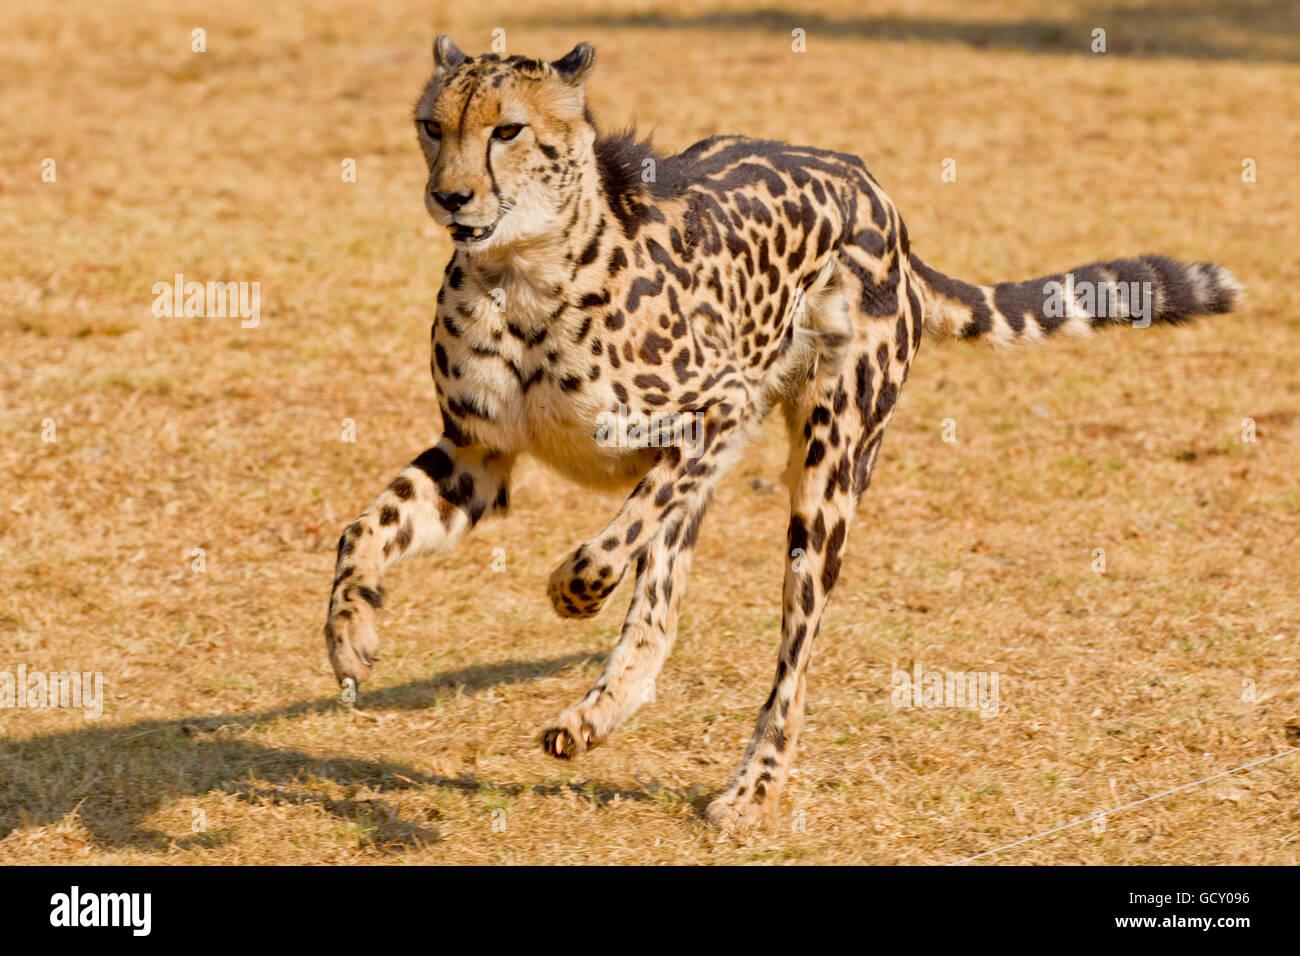 Esecuzione di ghepardo (Acinonyx jubatus), un raro re ghepardo con la sua pelliccia distinti pattern a causa della Immagini Stock